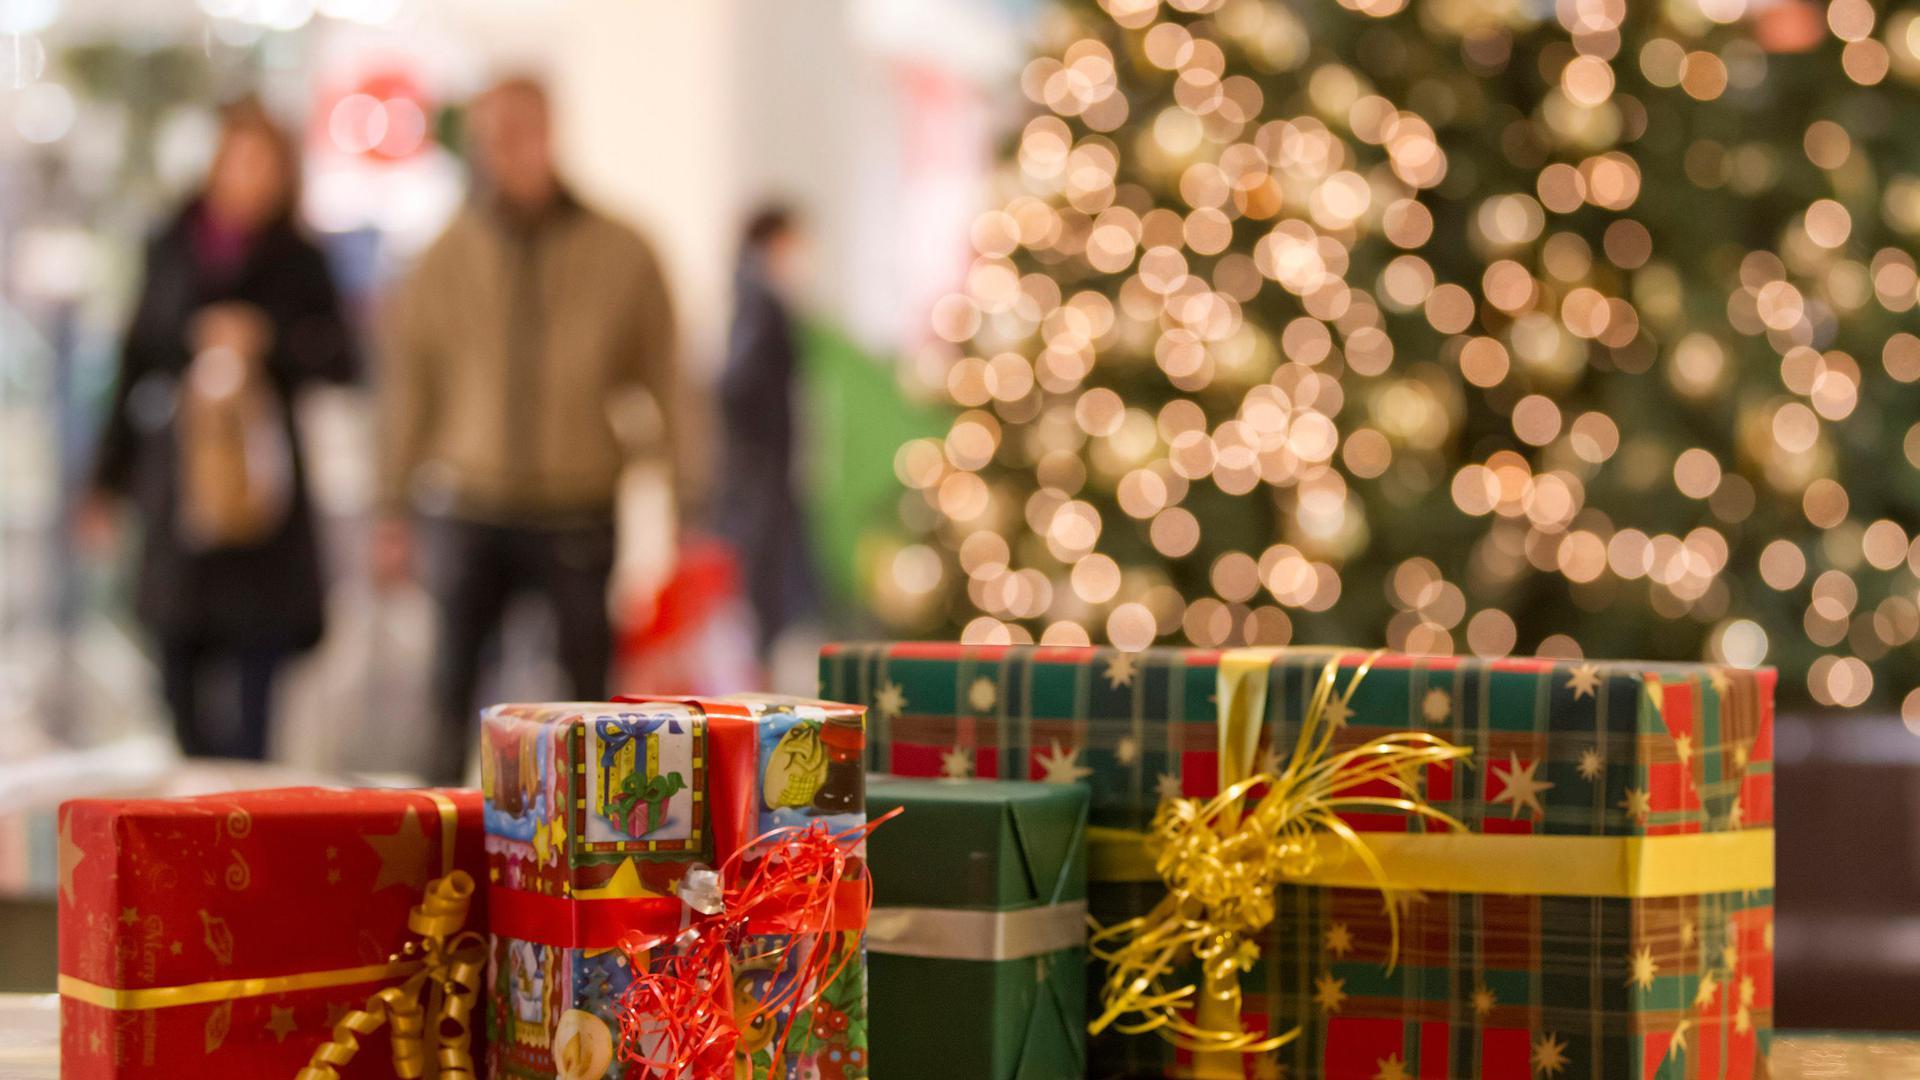 Geschenke in einem Einkaufszentrum